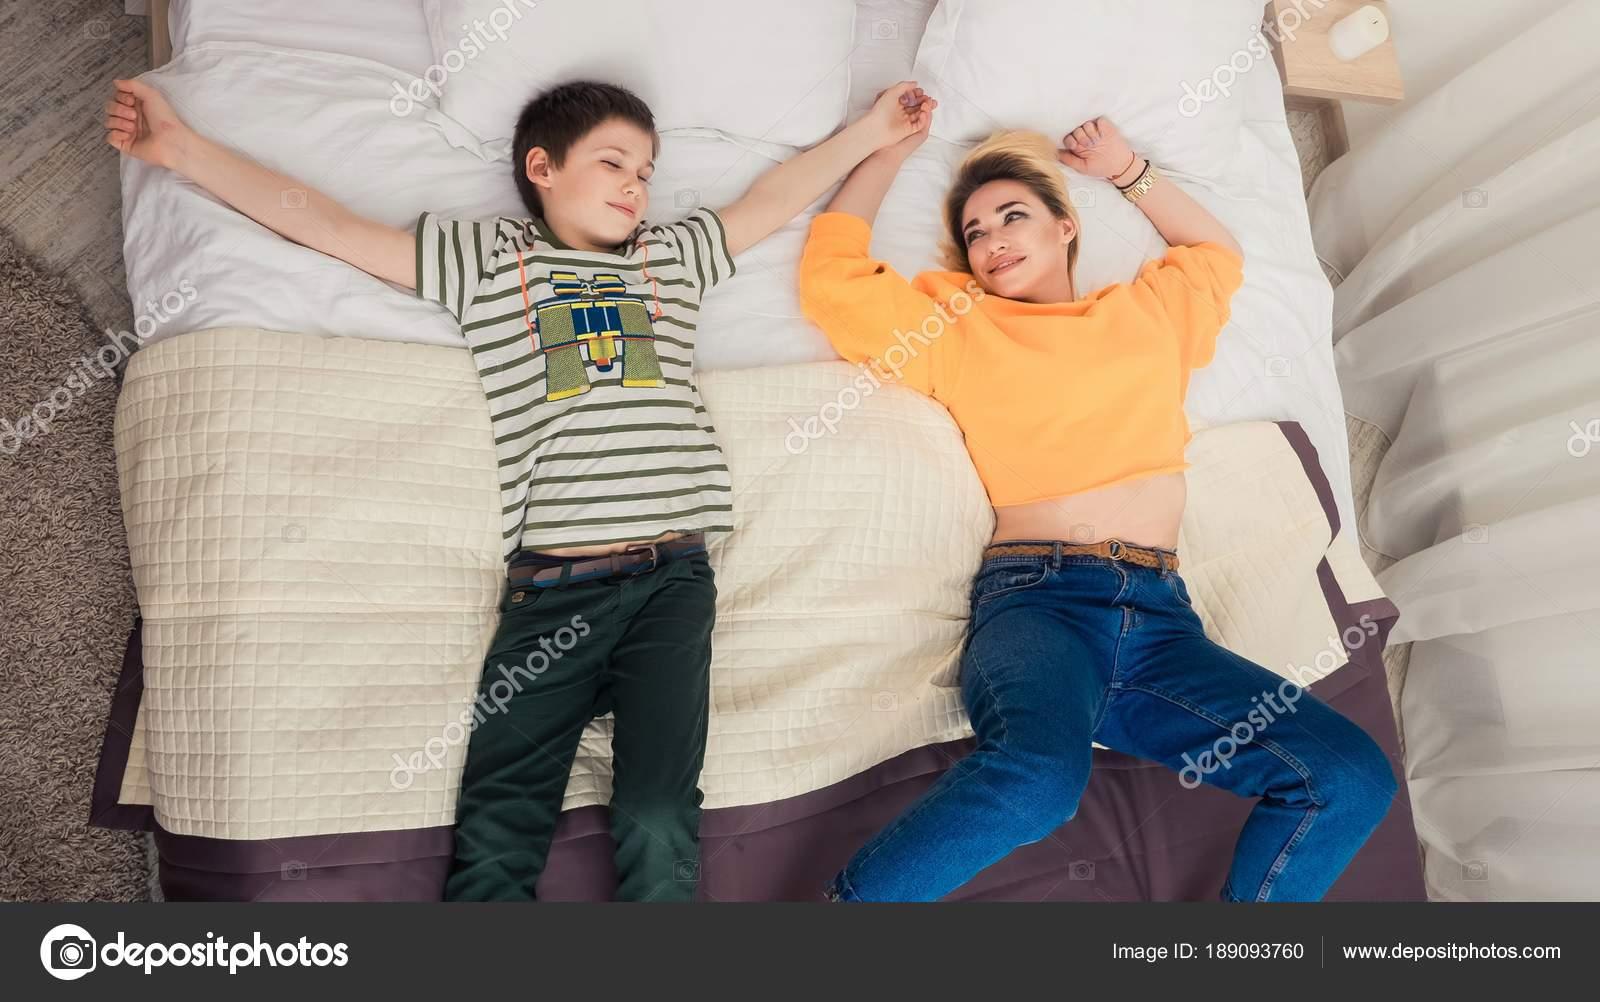 Син ебет свою родную мать, Сын трахнул свою родную мать смотреть онлайн на 10 фотография